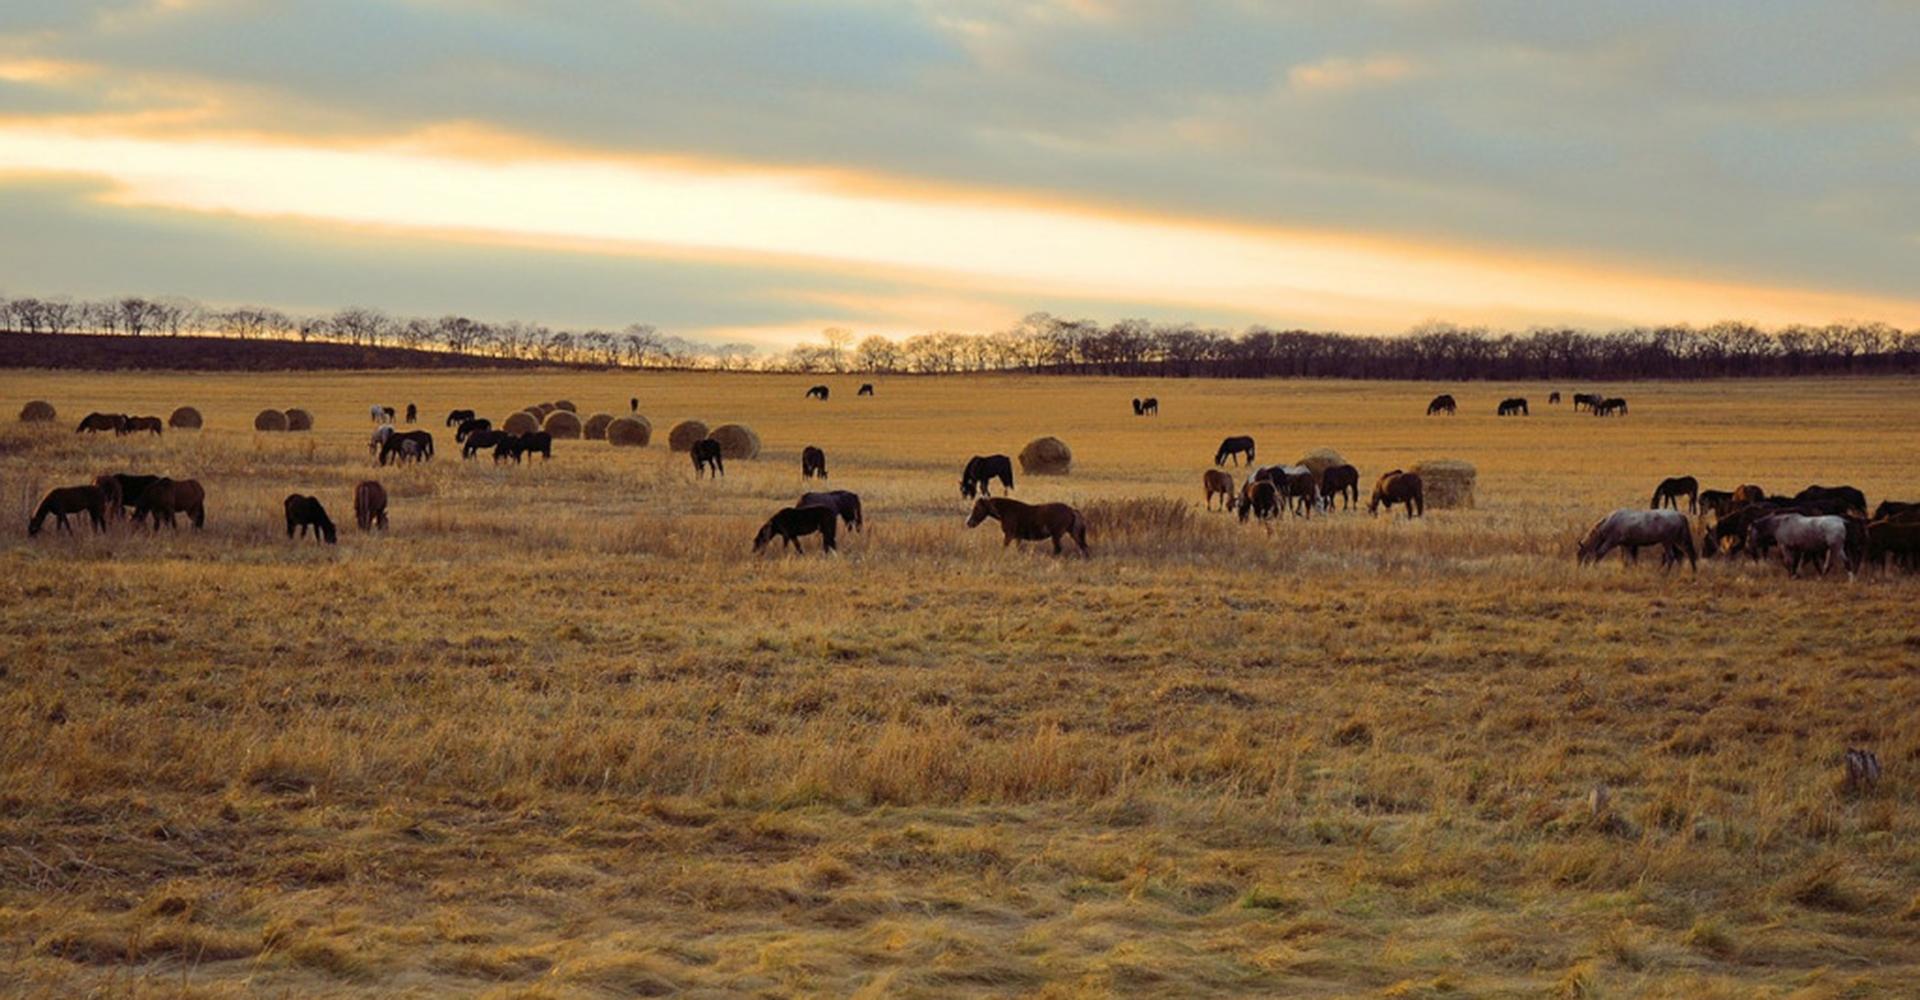 field-of-horses-1024x680crop